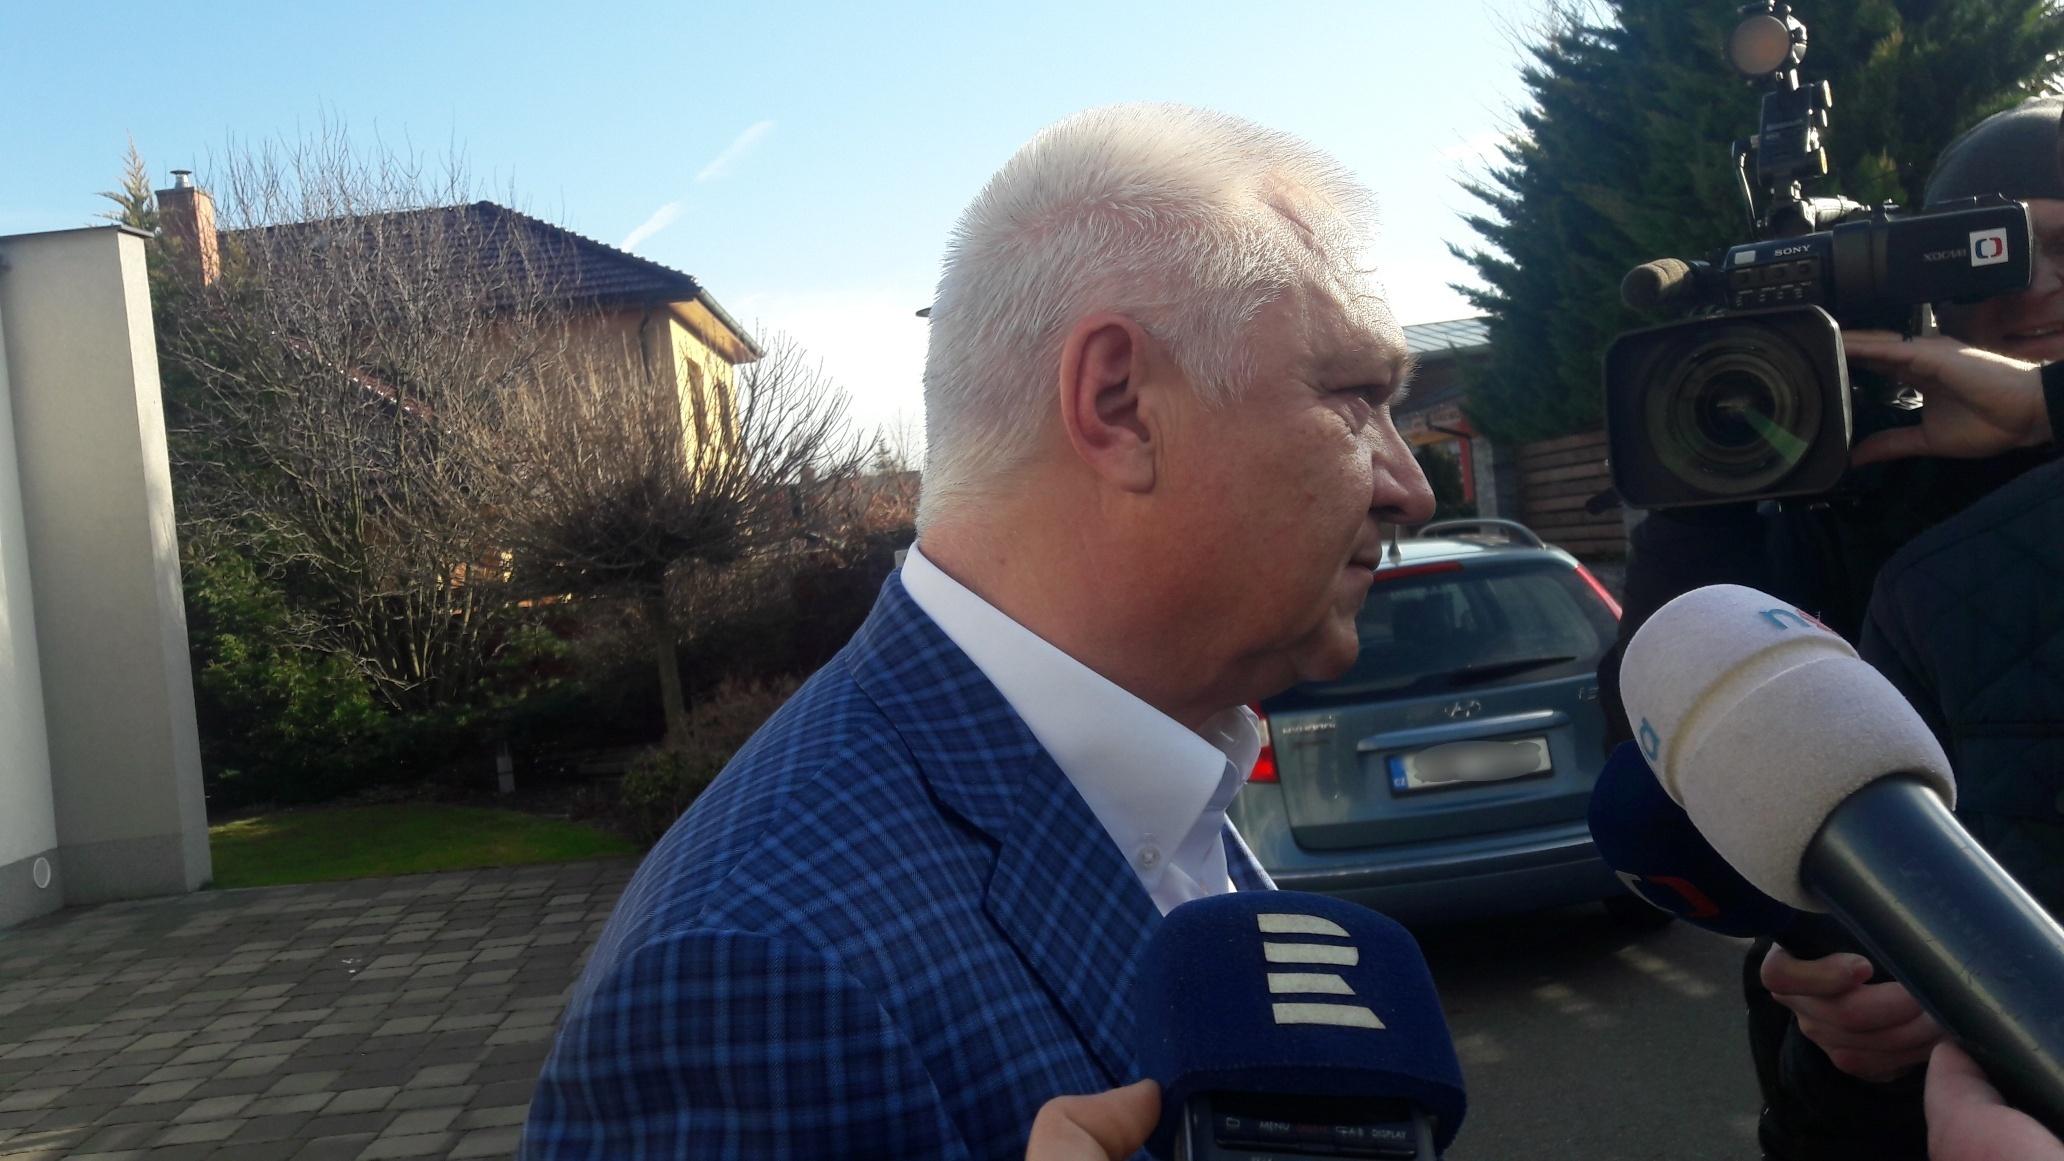 Místopředseda ANO Jaroslav Faltýnek před svým domem v Prostějově